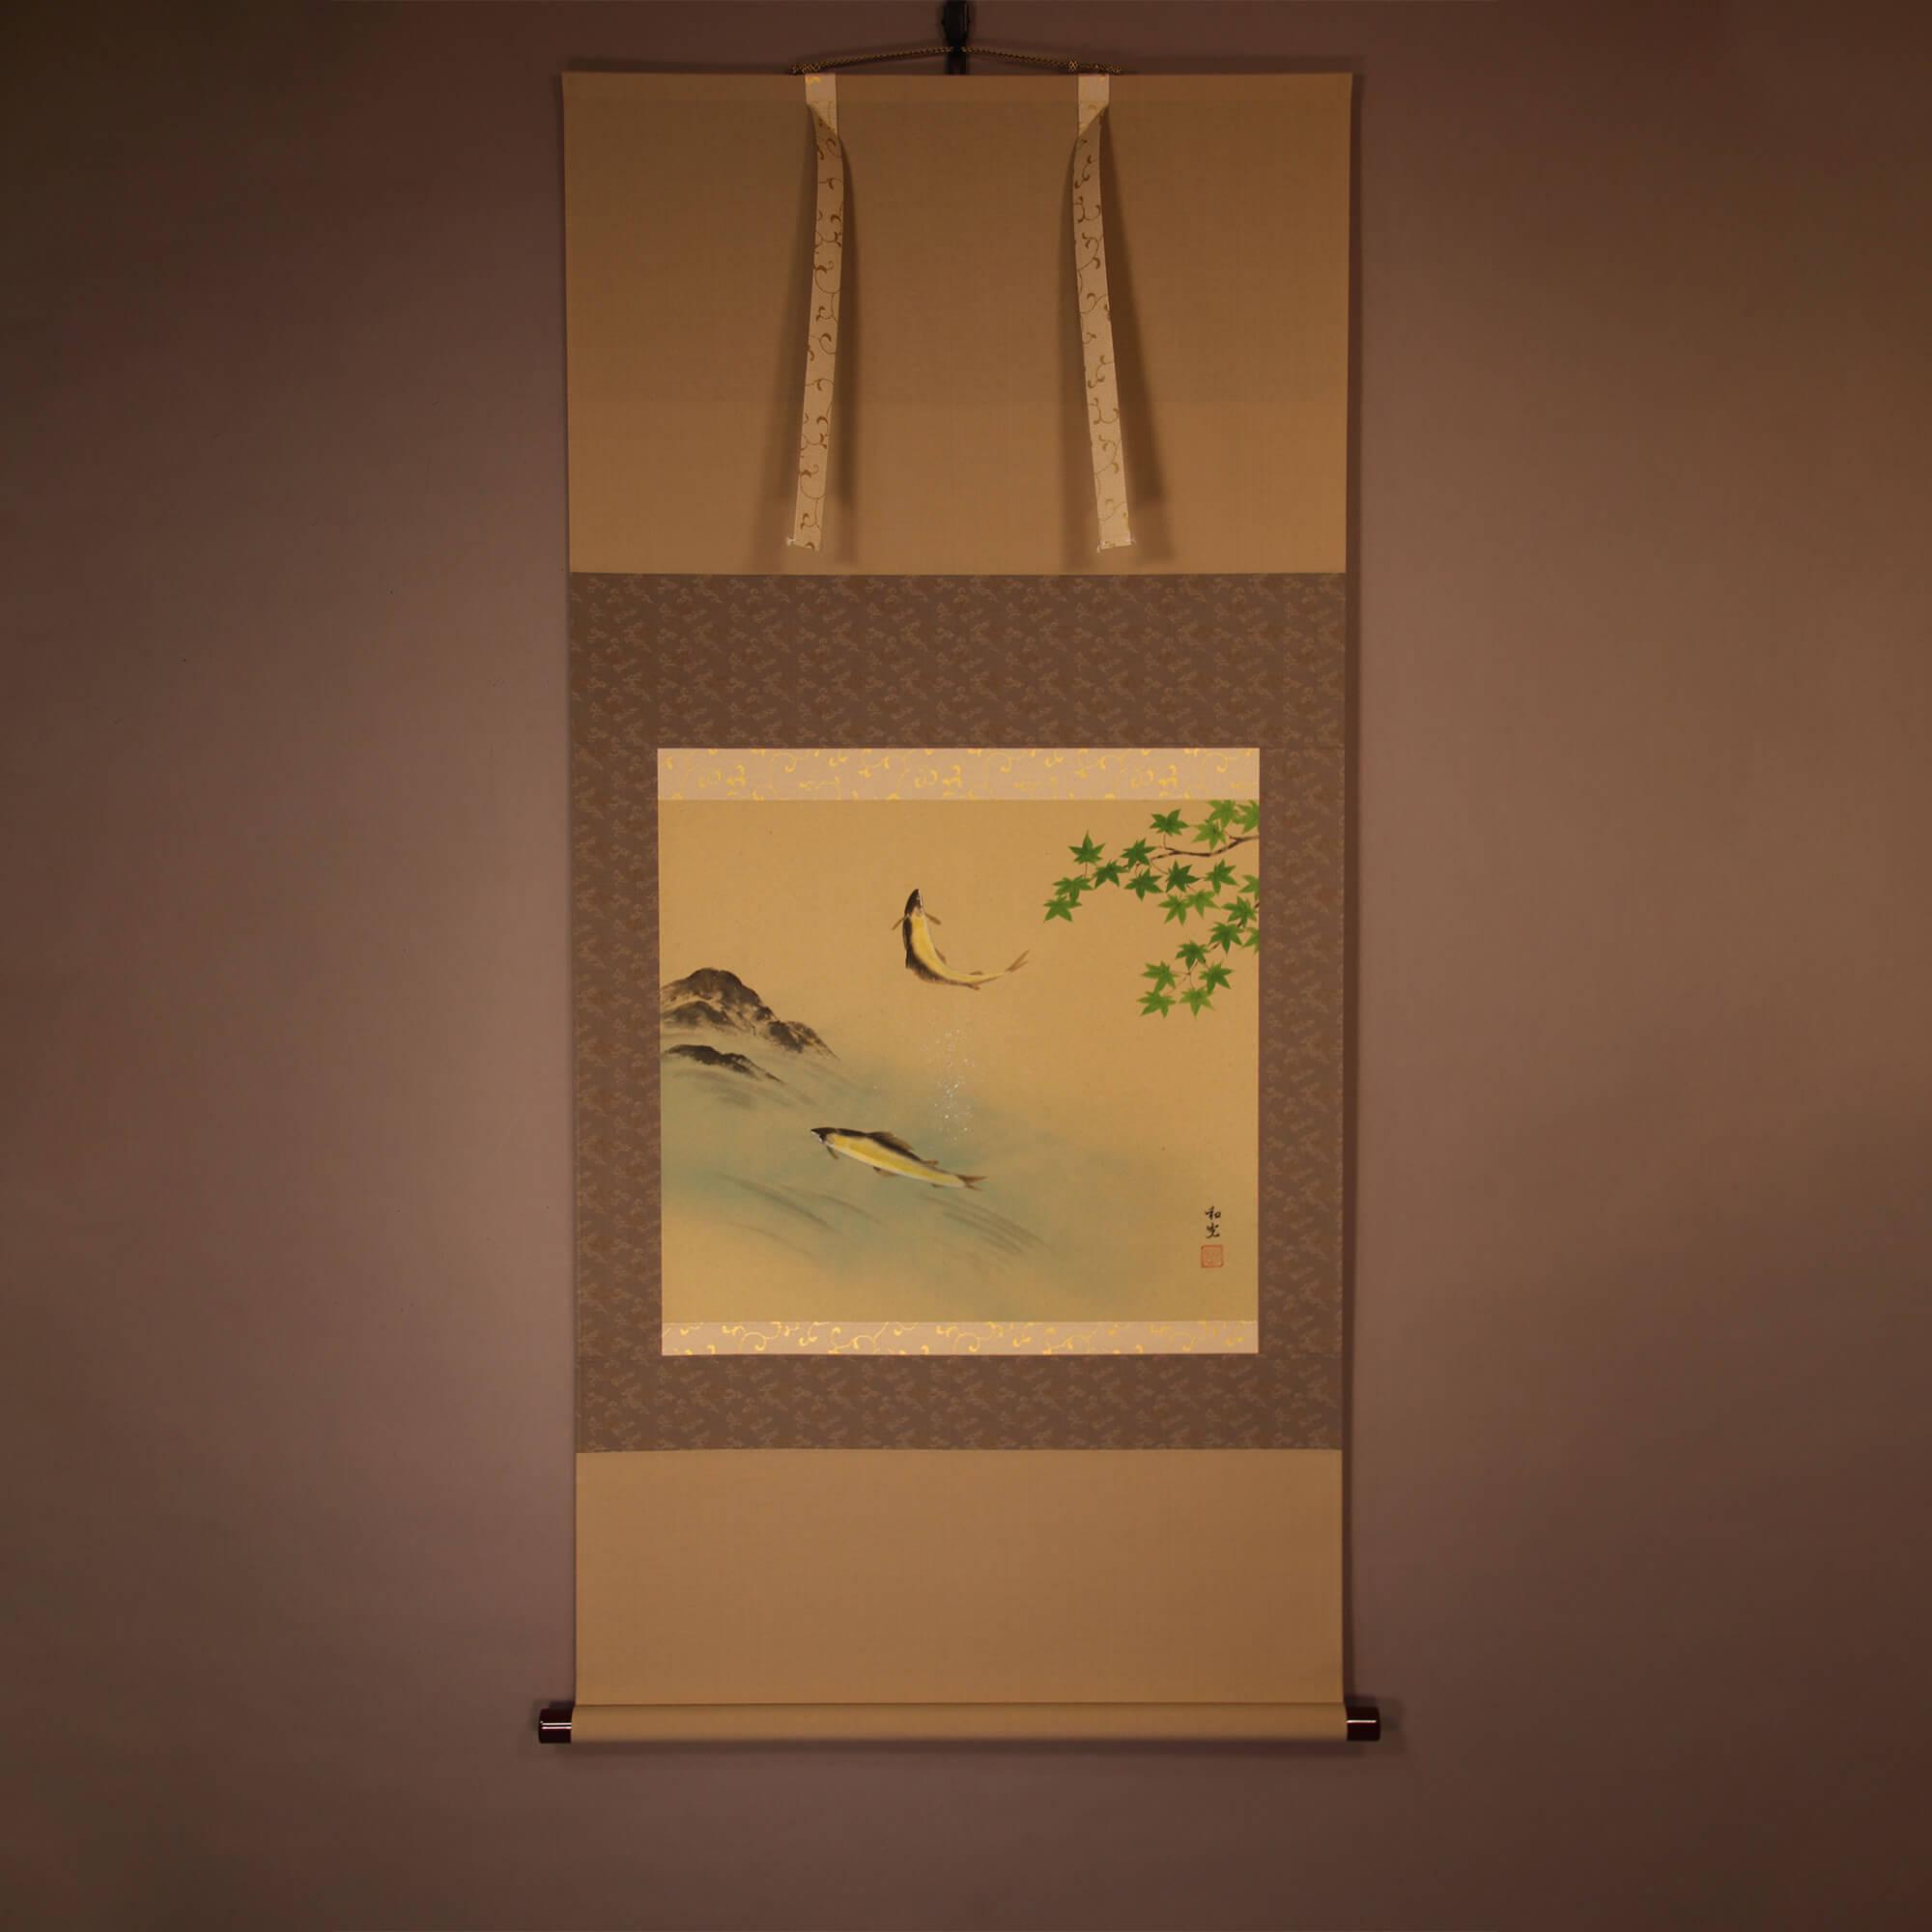 Maple and Sweetfish / Miyake Wakō